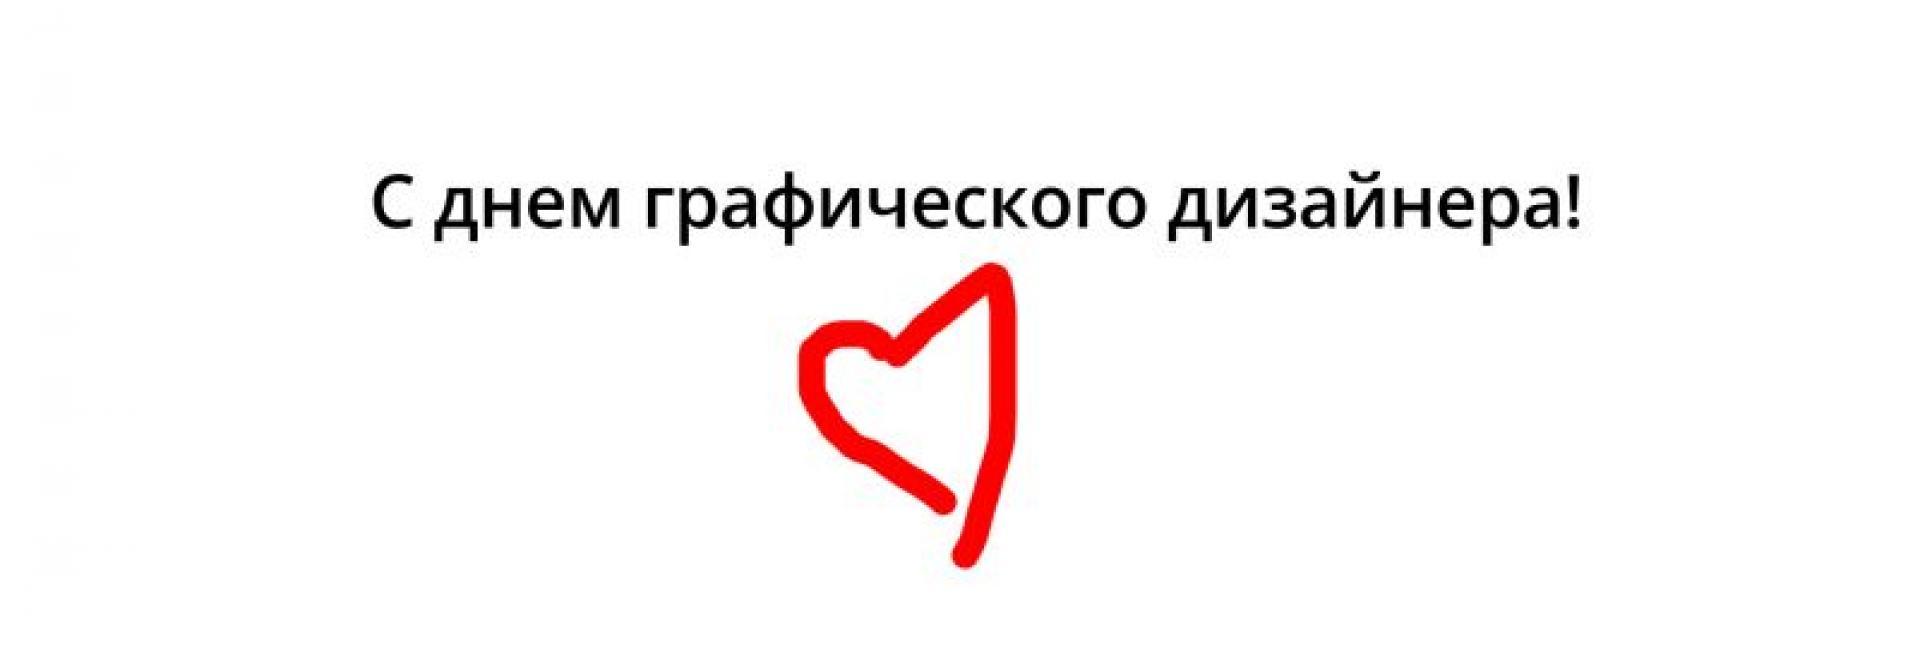 Лучшие картинки с днем дизайнера графика в России (2)